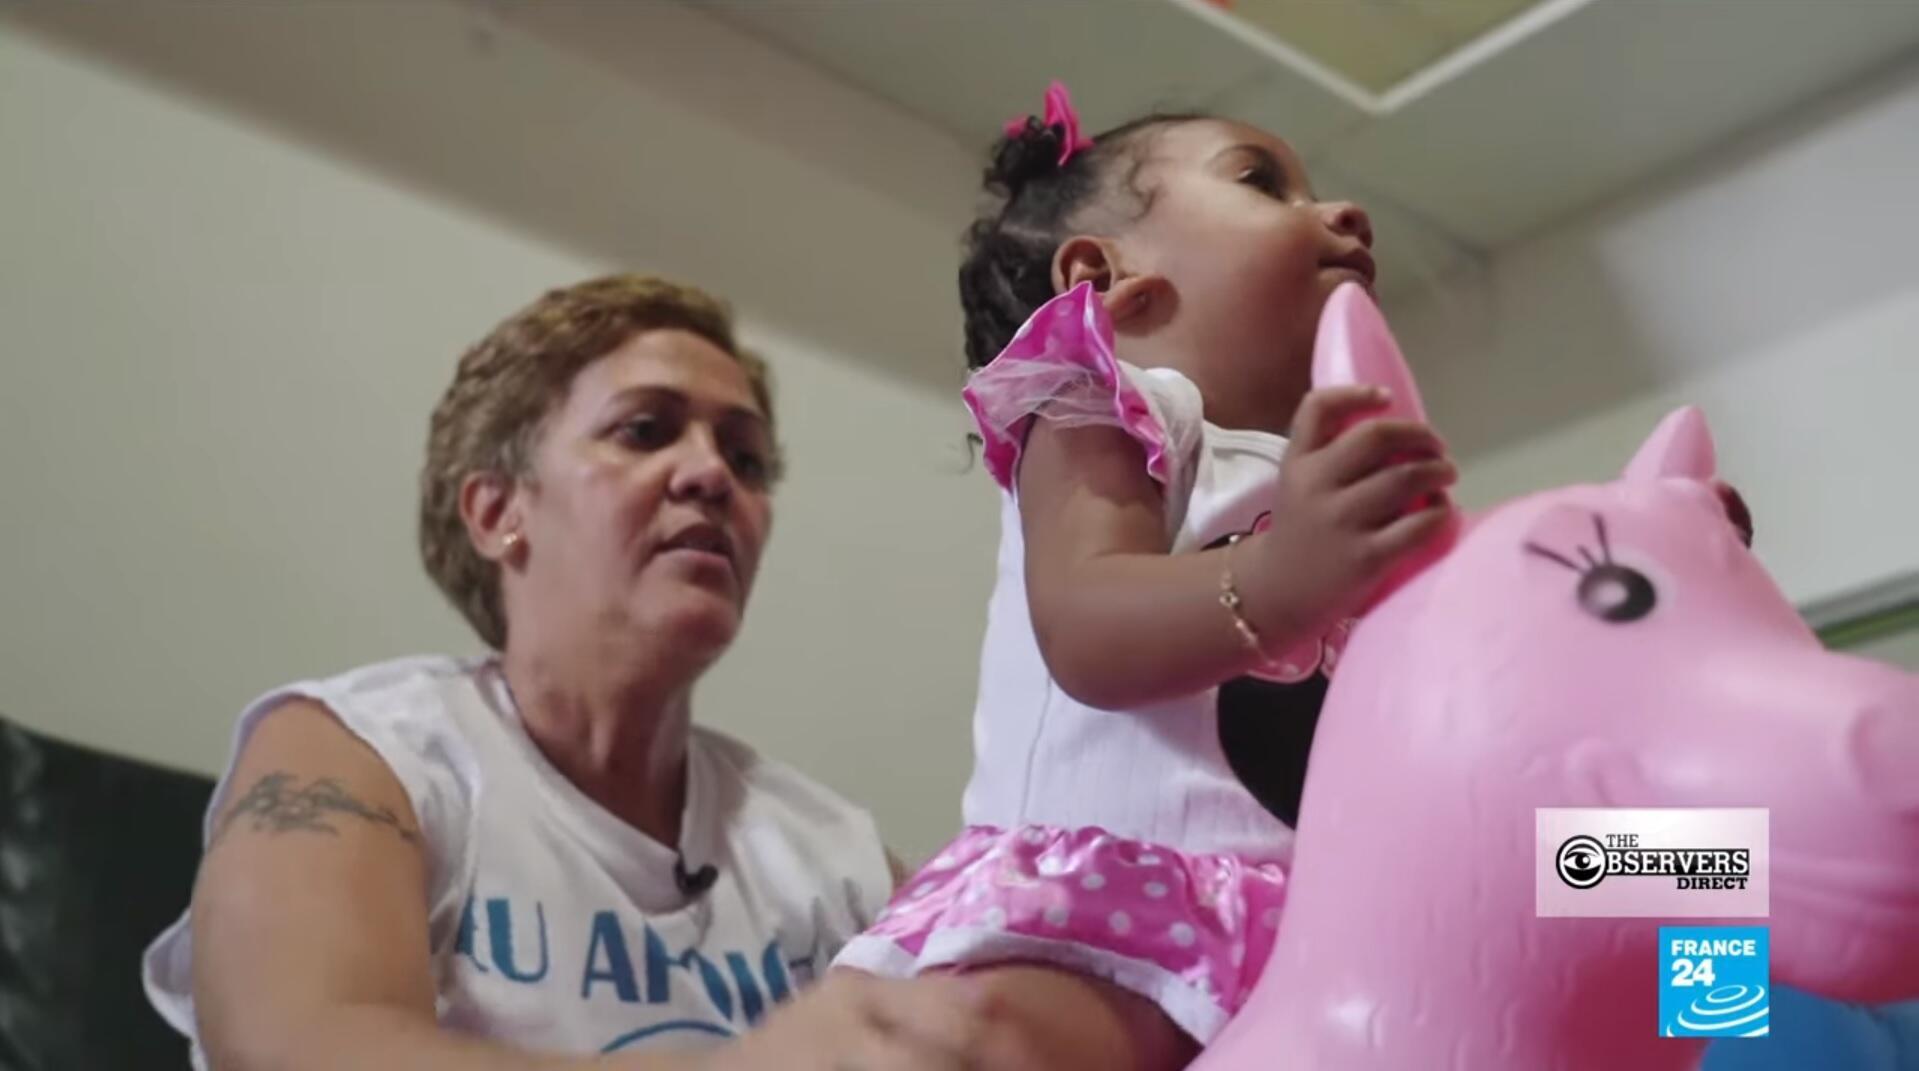 Notre Observatrice Mônica Cirne Albuquerque soigne les enfants vivant dans une favela de Rio de Janeiro.